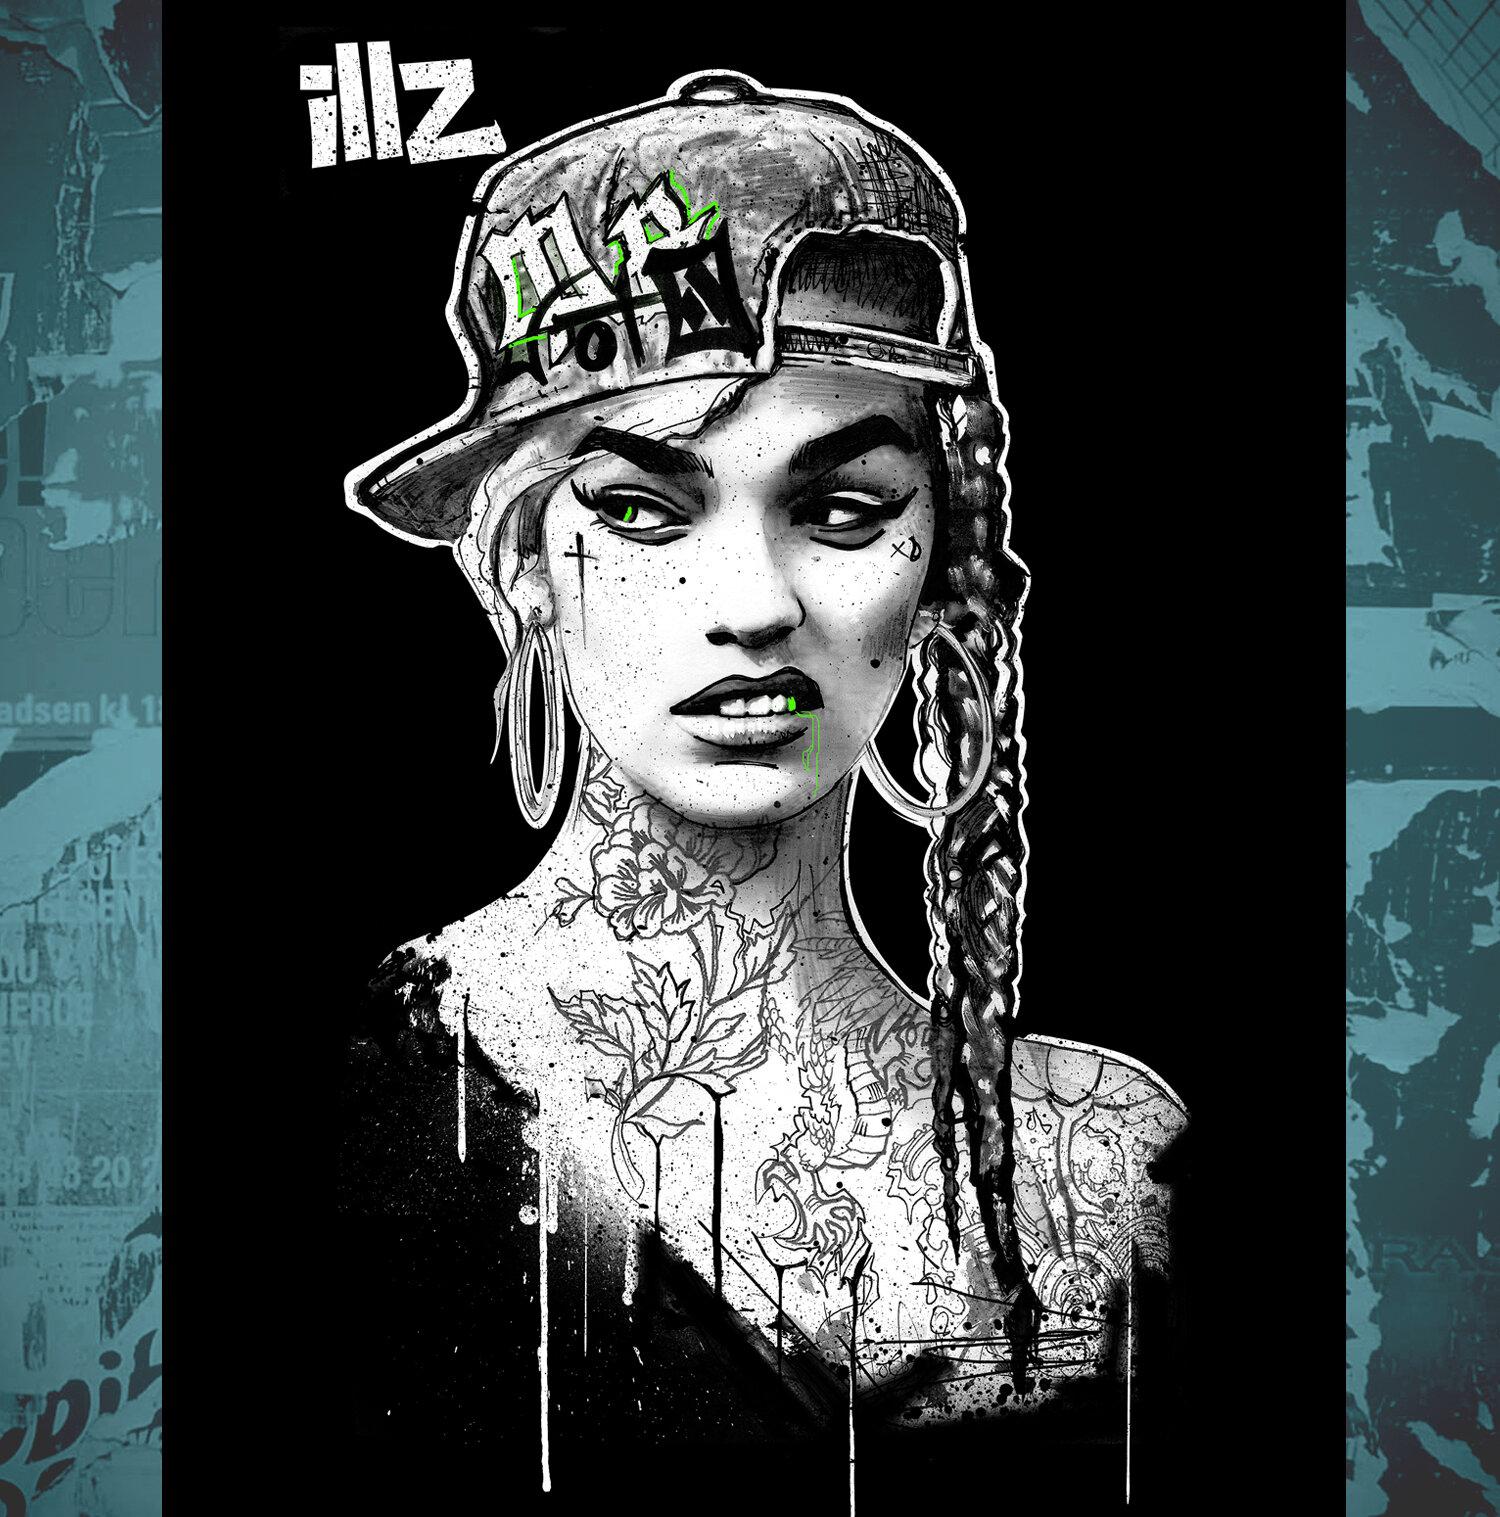 illz 2.jpg